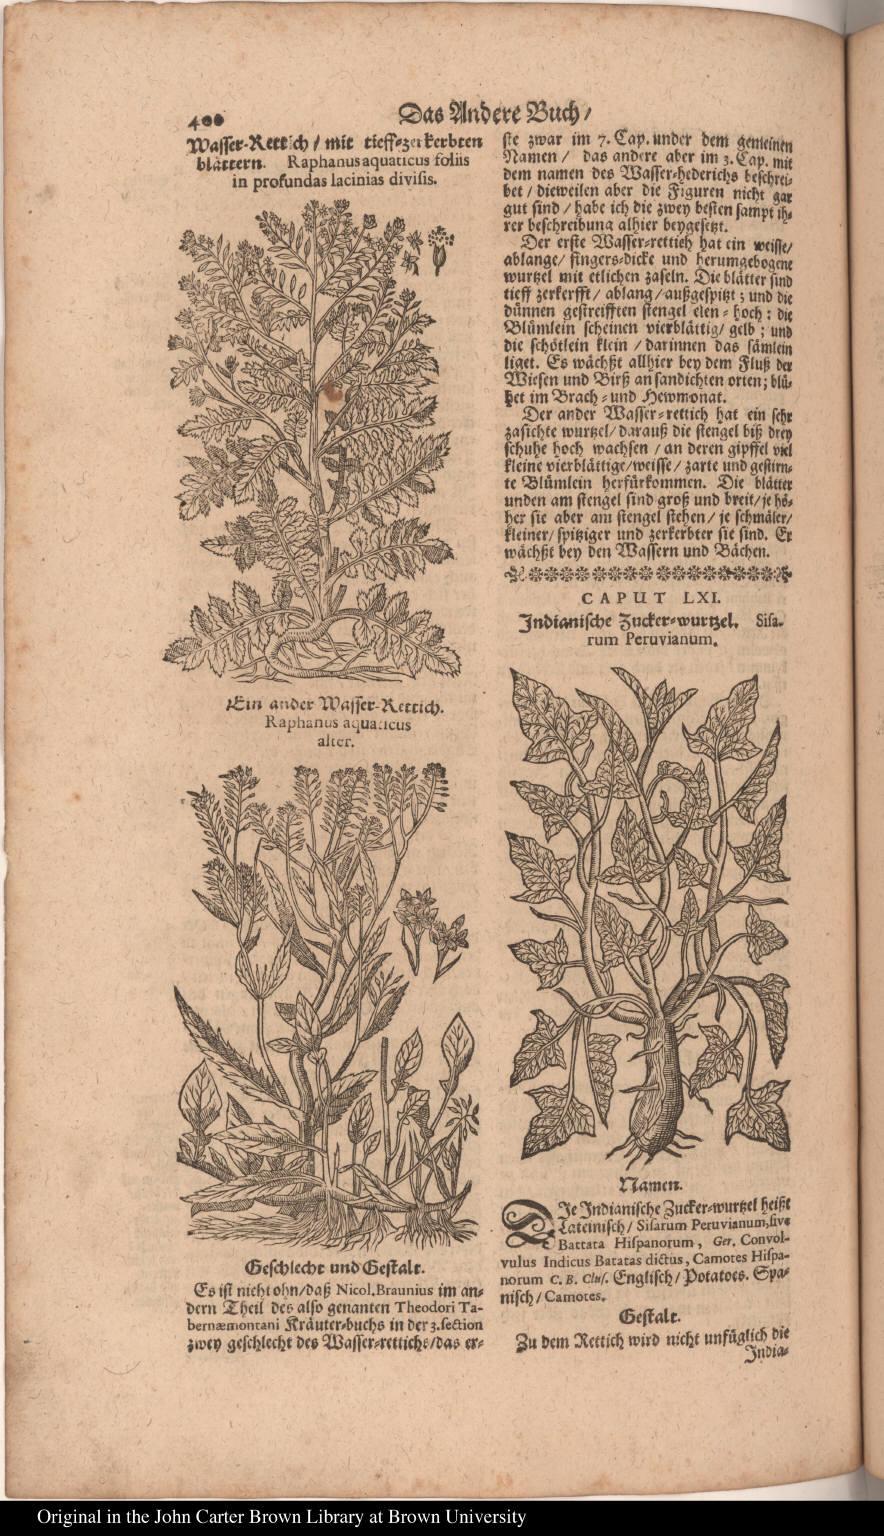 [lower right] Indianische Zucker=wurtzel. Sisarum Peruvianum.